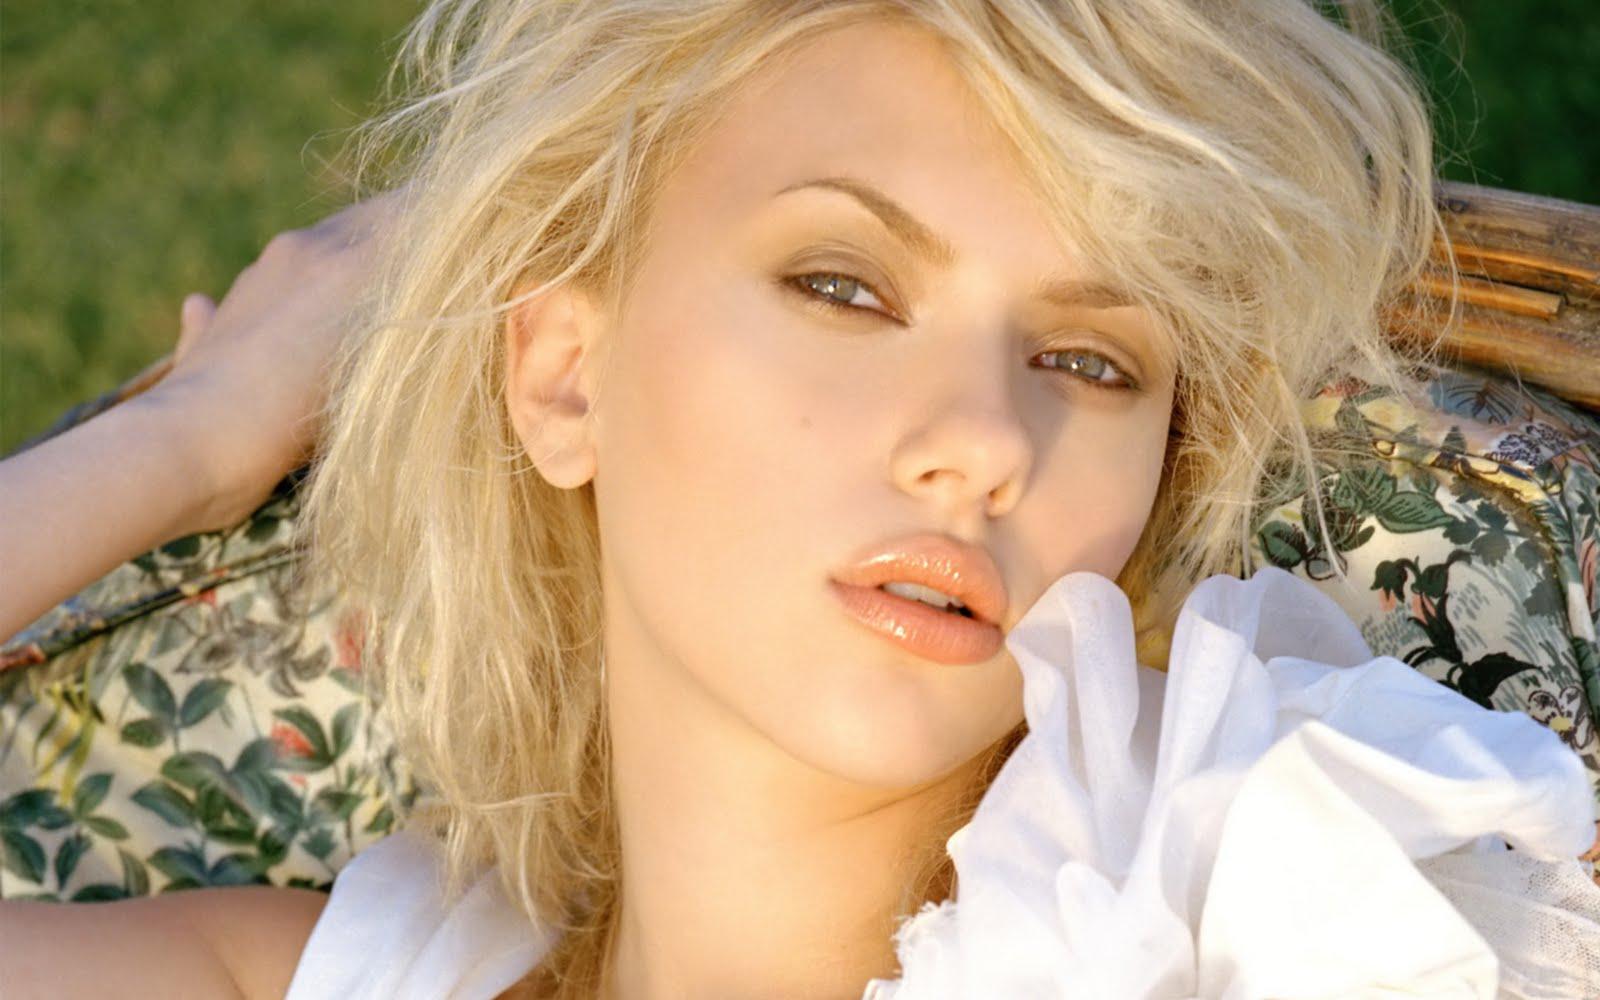 http://3.bp.blogspot.com/-dhMVdpzWNaQ/TwiMQmwGvRI/AAAAAAAABBA/HXQxDLrauPY/s1600/Scarlett%2BJohansson%2B1920X1200%2B31129%2BSexy%2BWallpaper.jpg